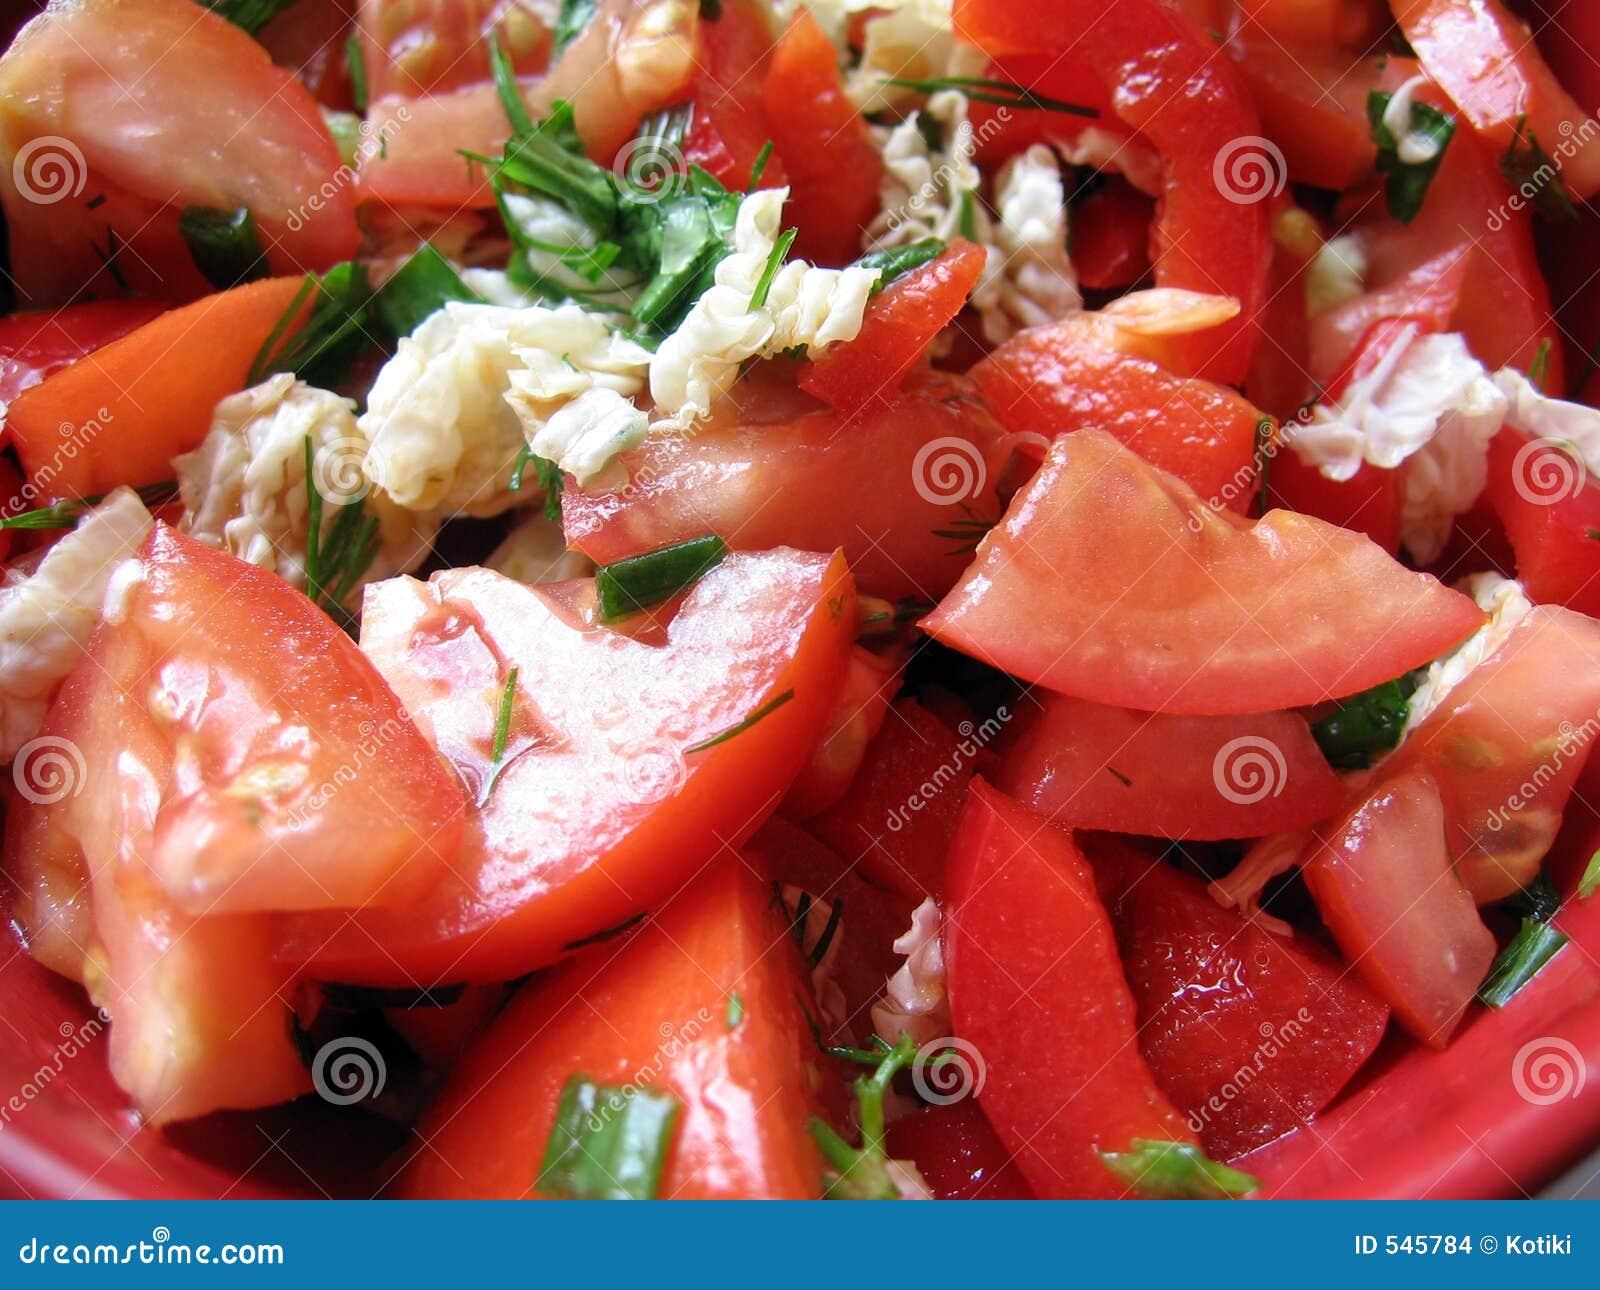 Download 沙拉纹理蕃茄 库存照片. 图片 包括有 新鲜, 辣椒粉, 胡椒, 绿色, 蕃茄, 莴苣, 纹理, 冷静, 酥脆 - 545784